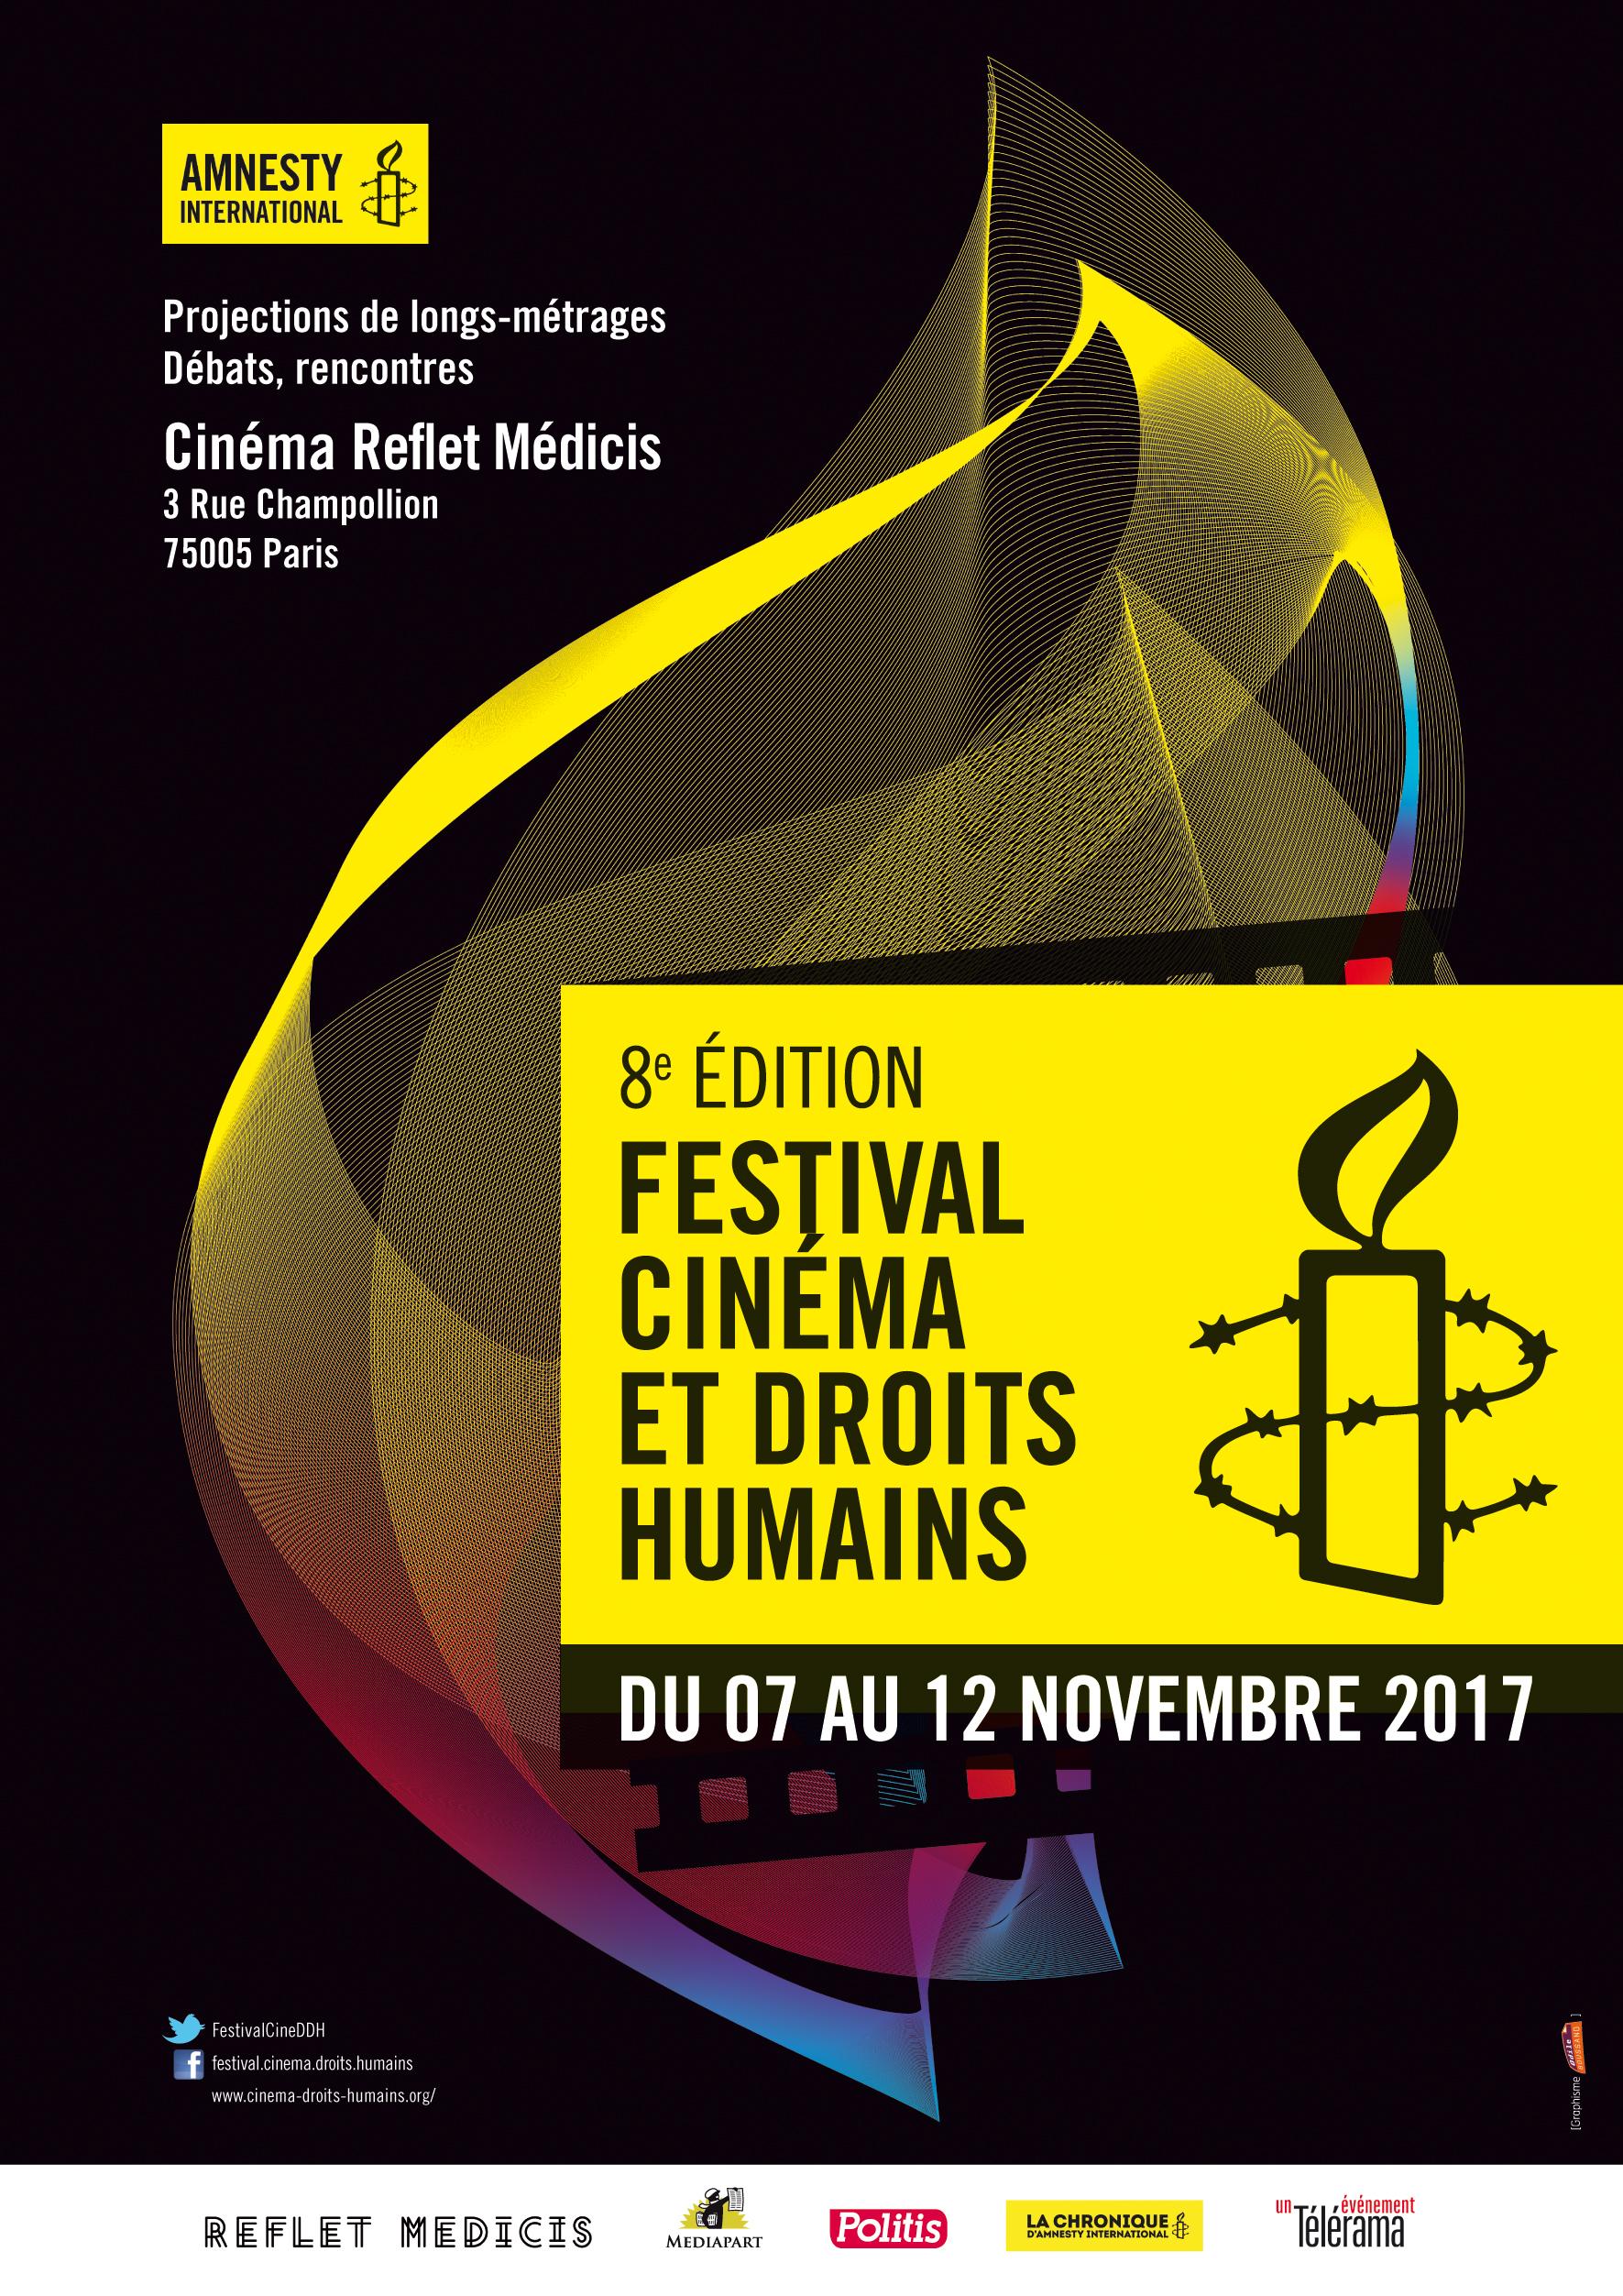 Célèbre Festival Cinéma et droits humains à Paris - Amnesty International  ZL06